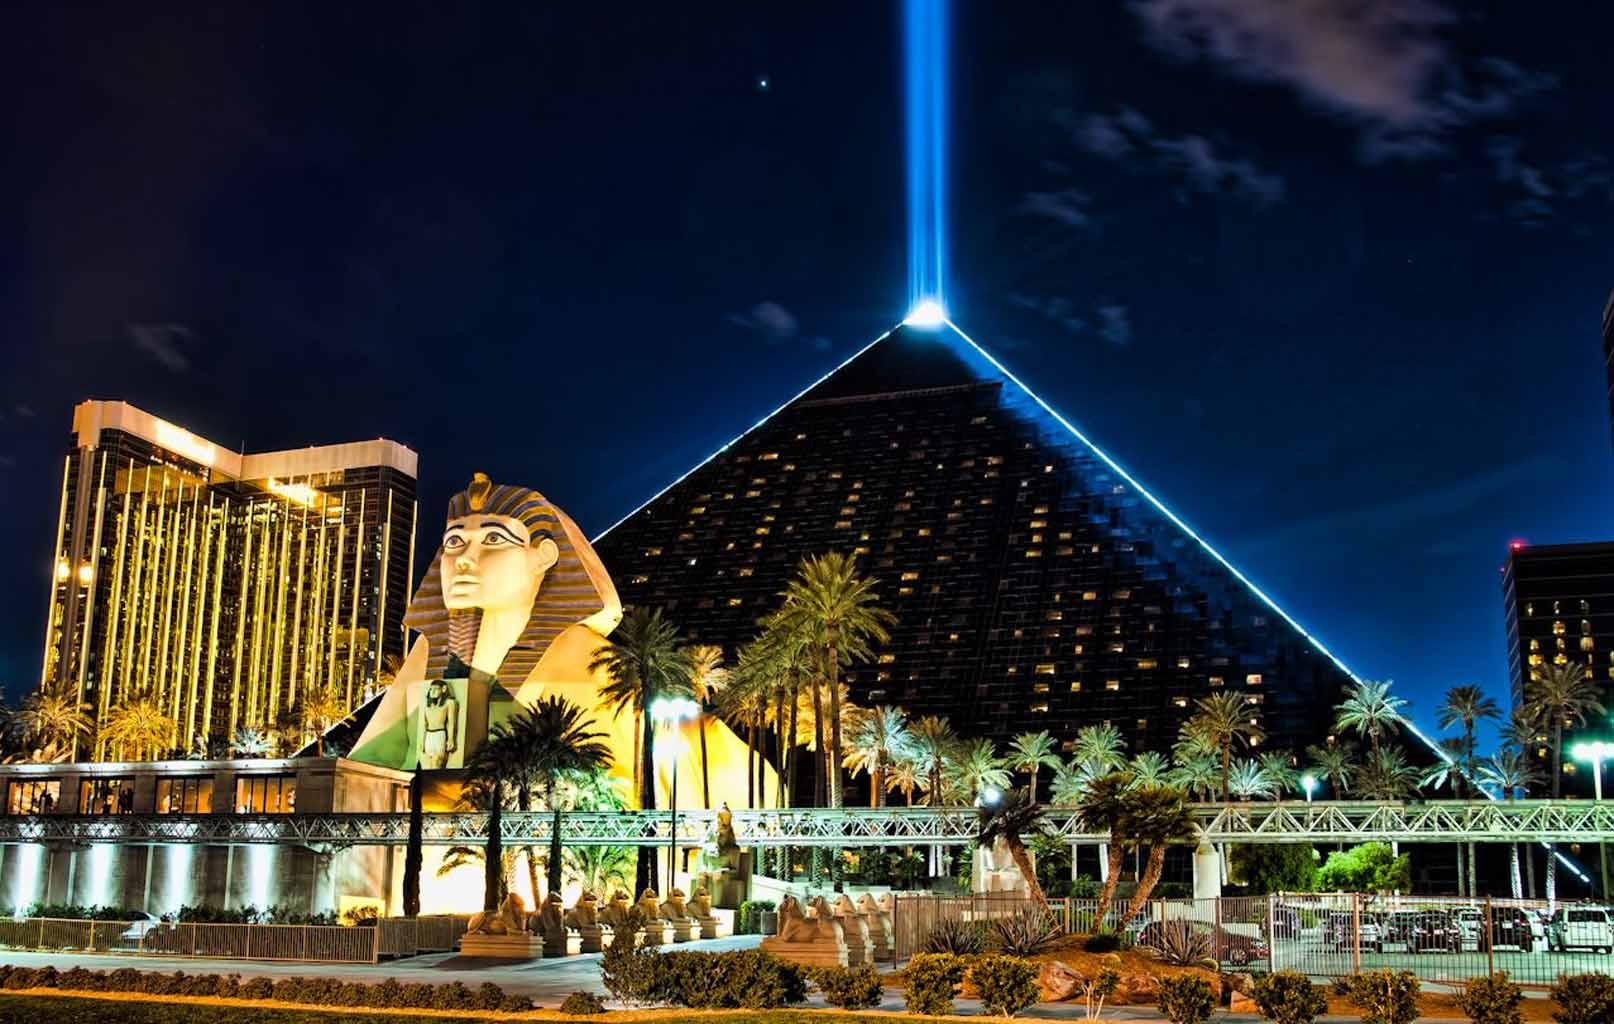 Luxur Hotel - ánh đèn rực sáng có thể nhìn thấy từ cách xa 40km trên đỉnh khách sạn